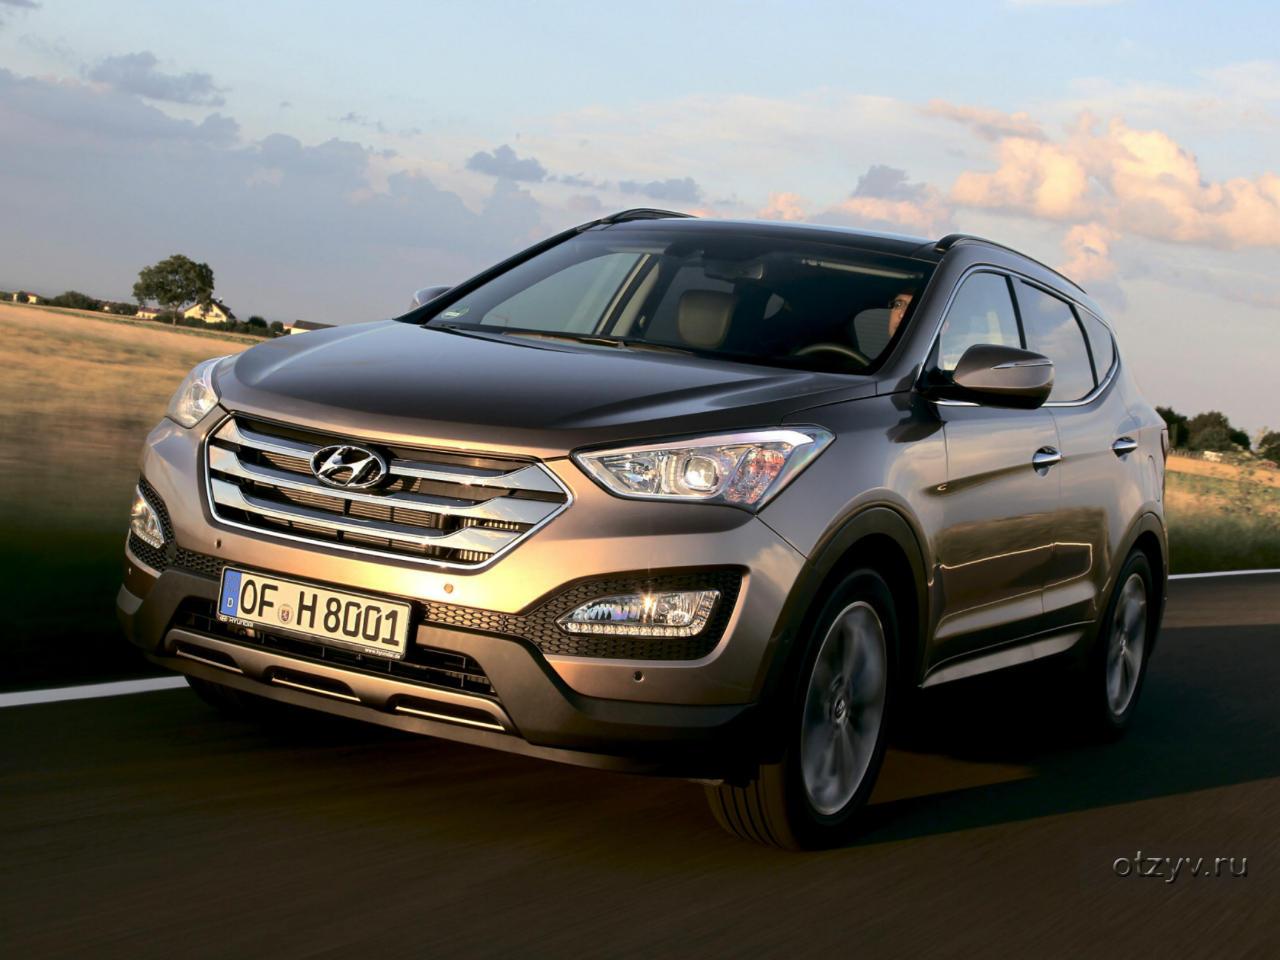 Hyundai Santa Fe 2016 отзывы владельцев об автомобиле